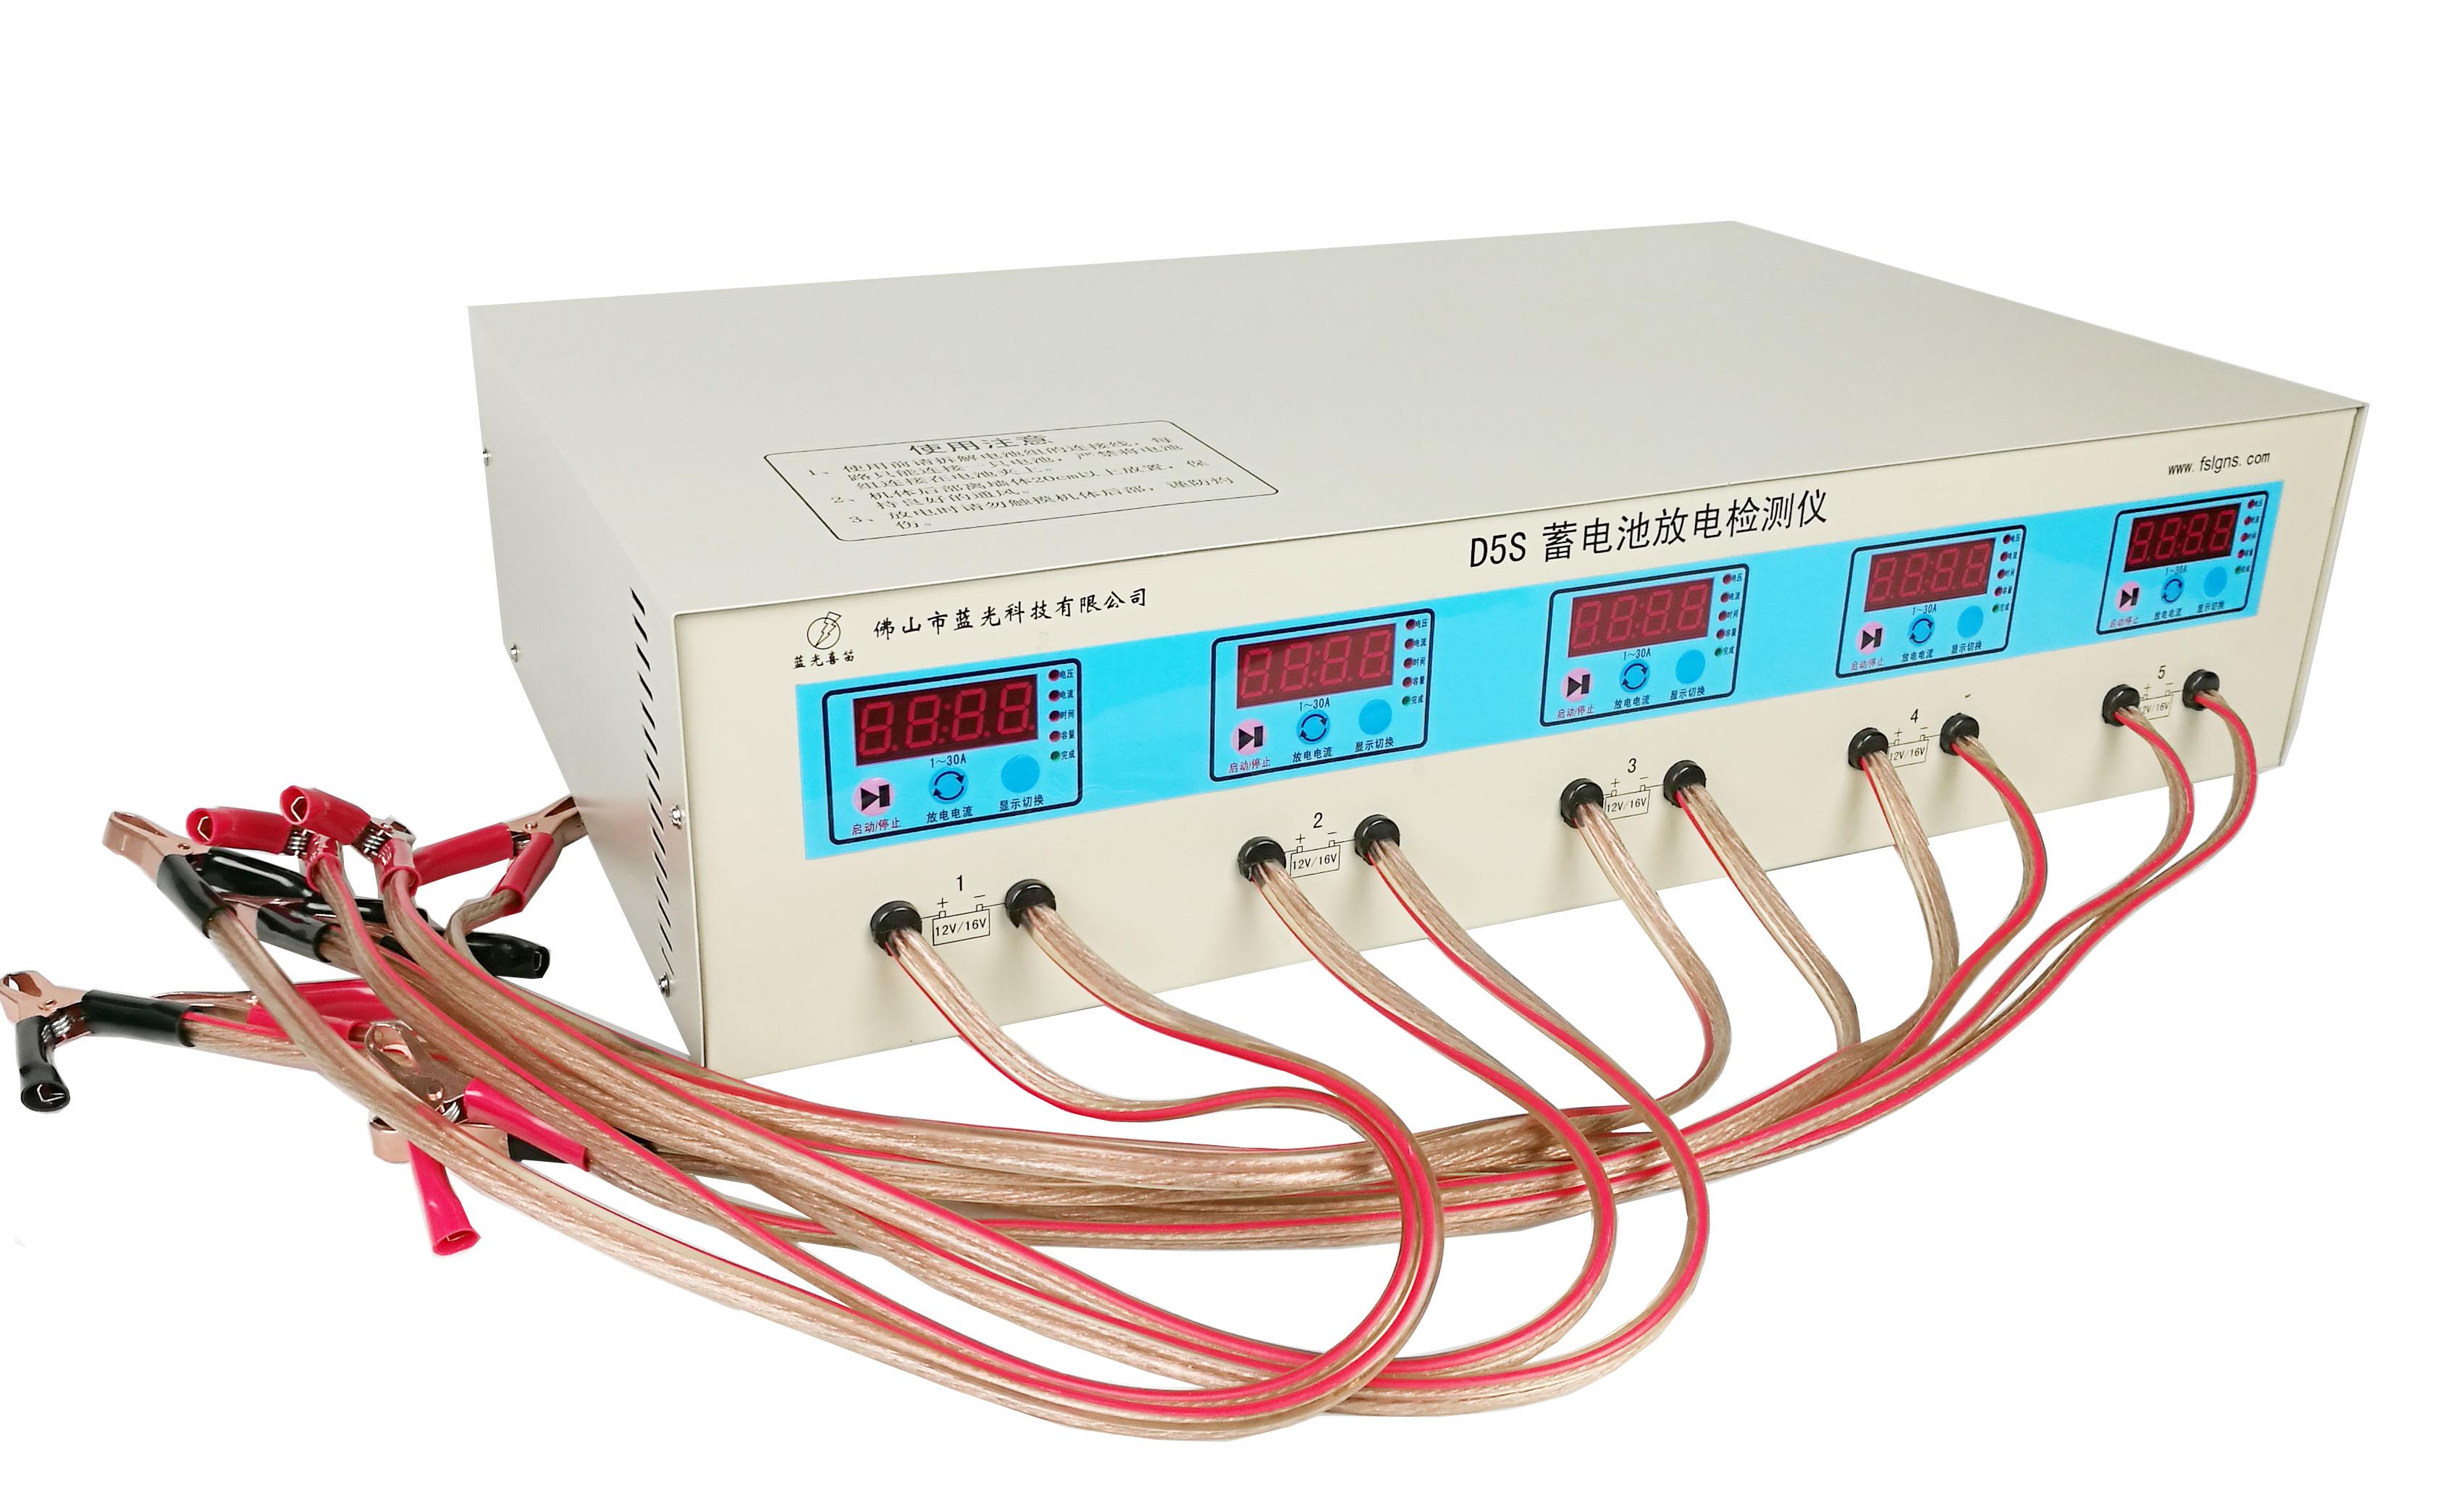 五路电动三轮车蓄电池放电检测仪